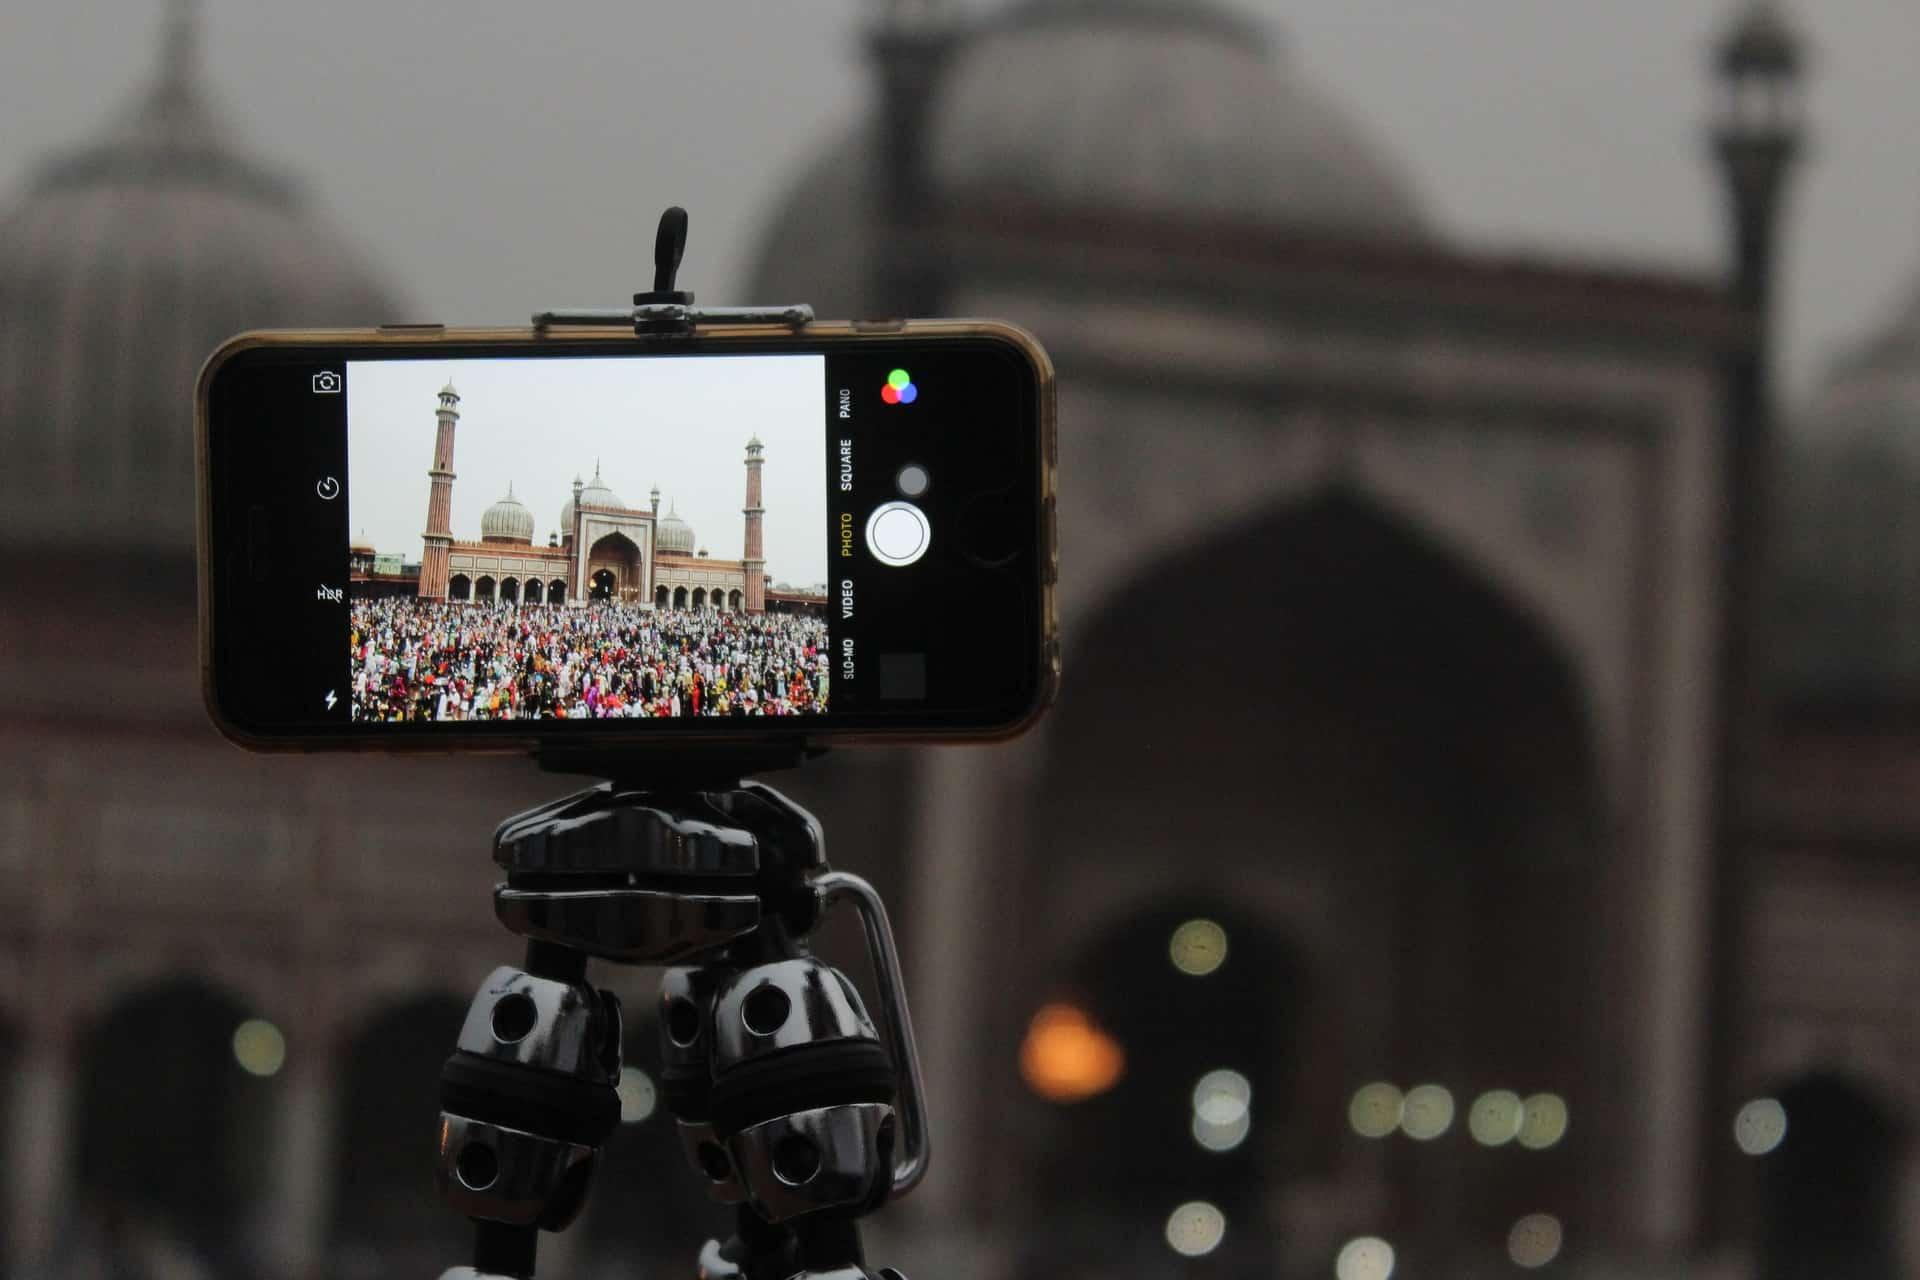 Imagem mostra celular montado em tripé tirando foto de um monumento.